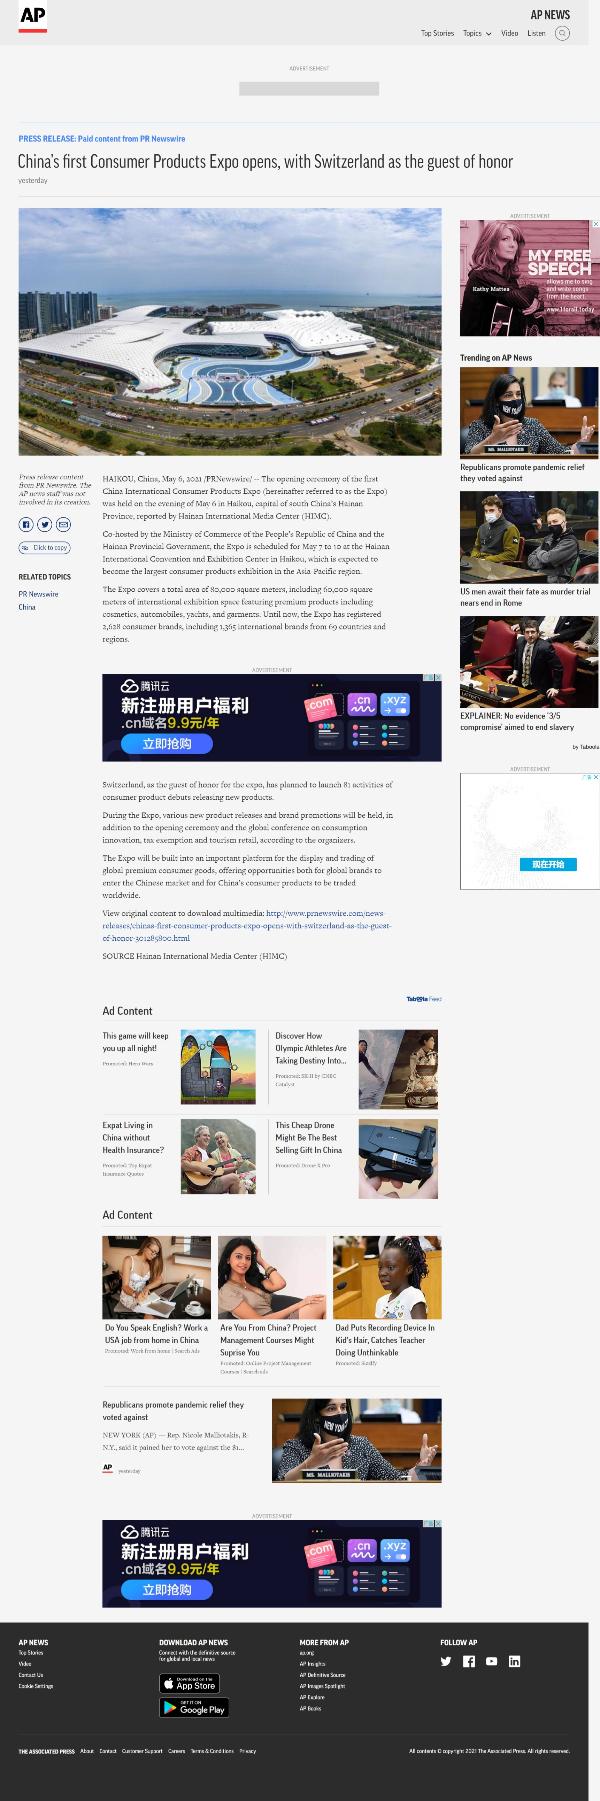 美联社关注首届消博会开幕 采用海南国际传播中心原创英文稿